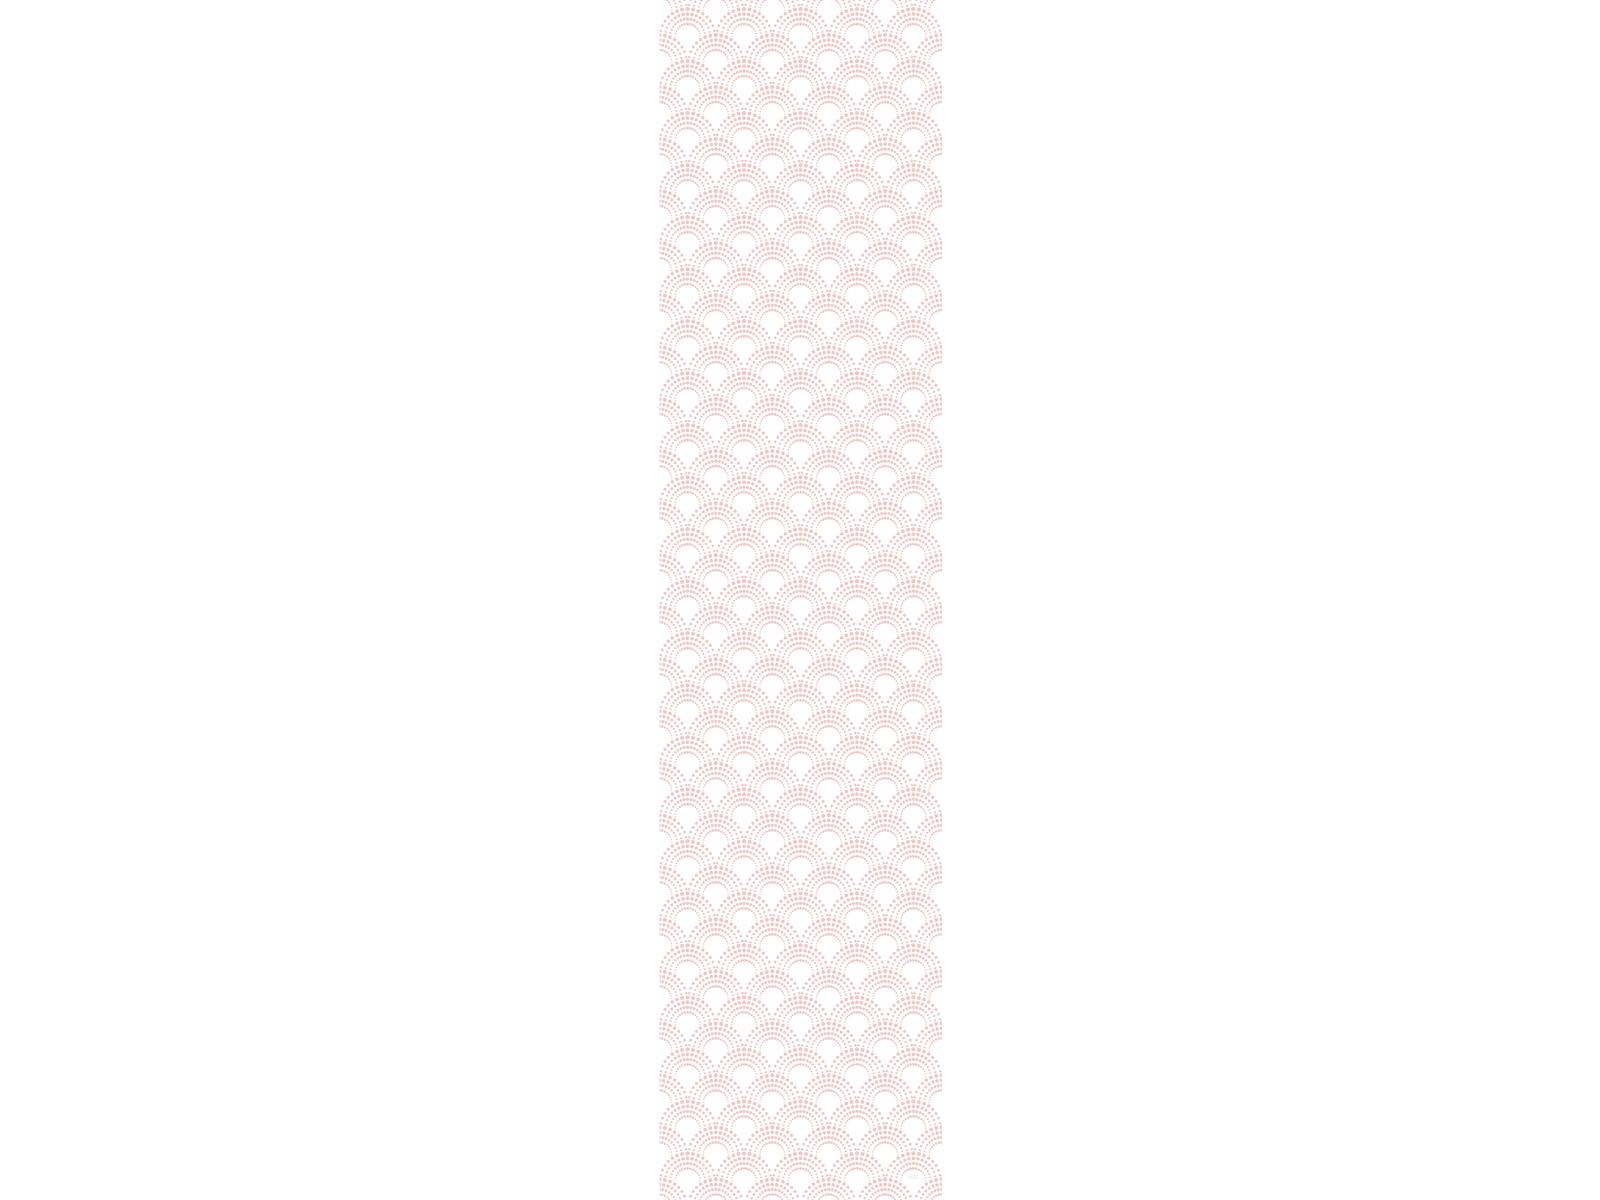 Papier peint adh sif vagues rose mod le clair de lune for Papier peint adhesif repositionnable